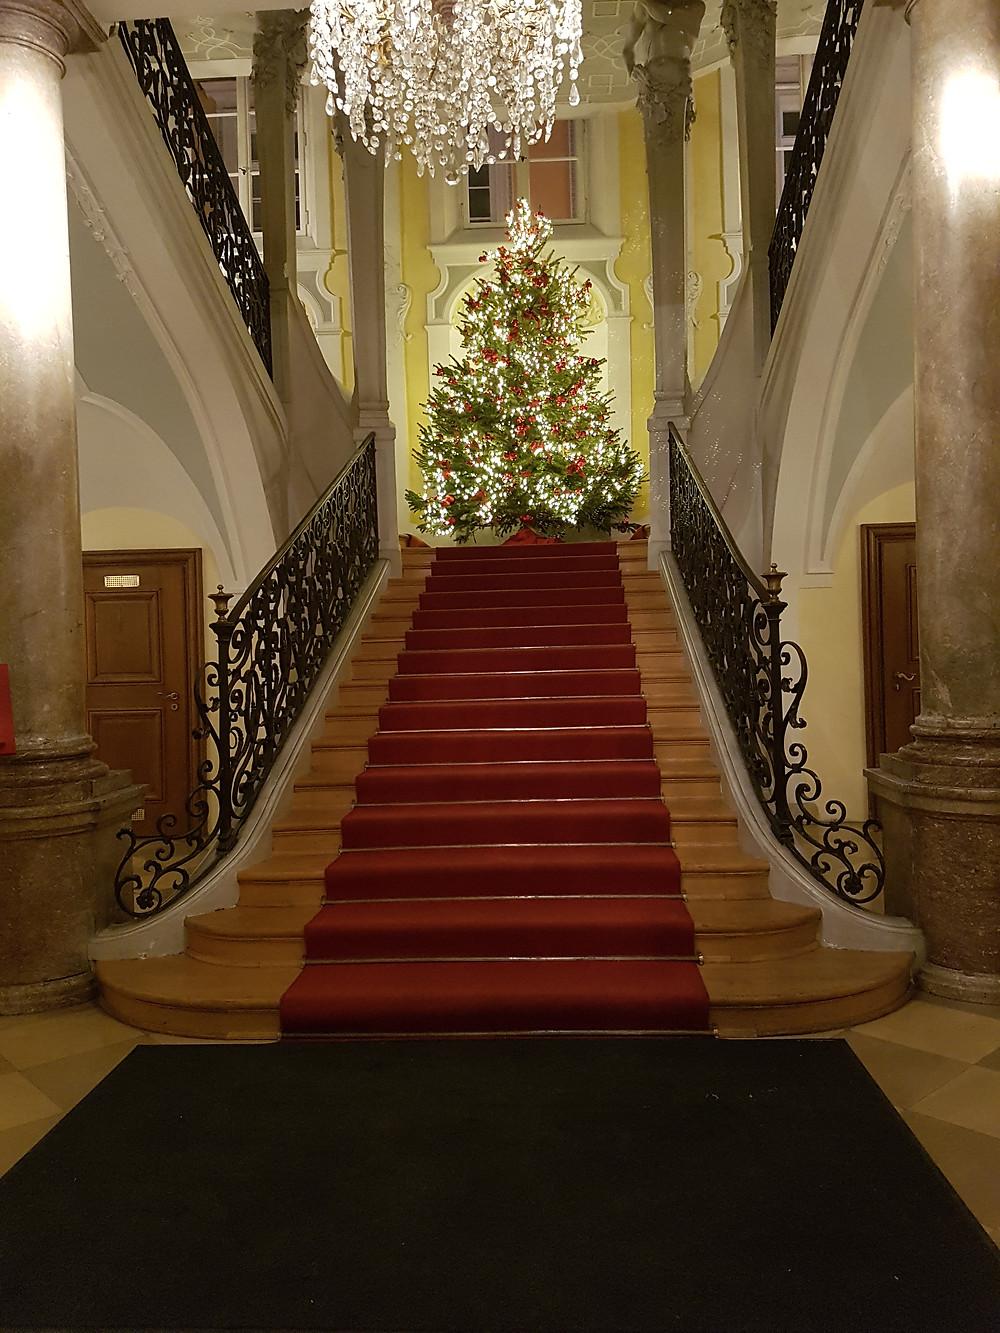 Treppenaufgang in einem münchner Stadthaus